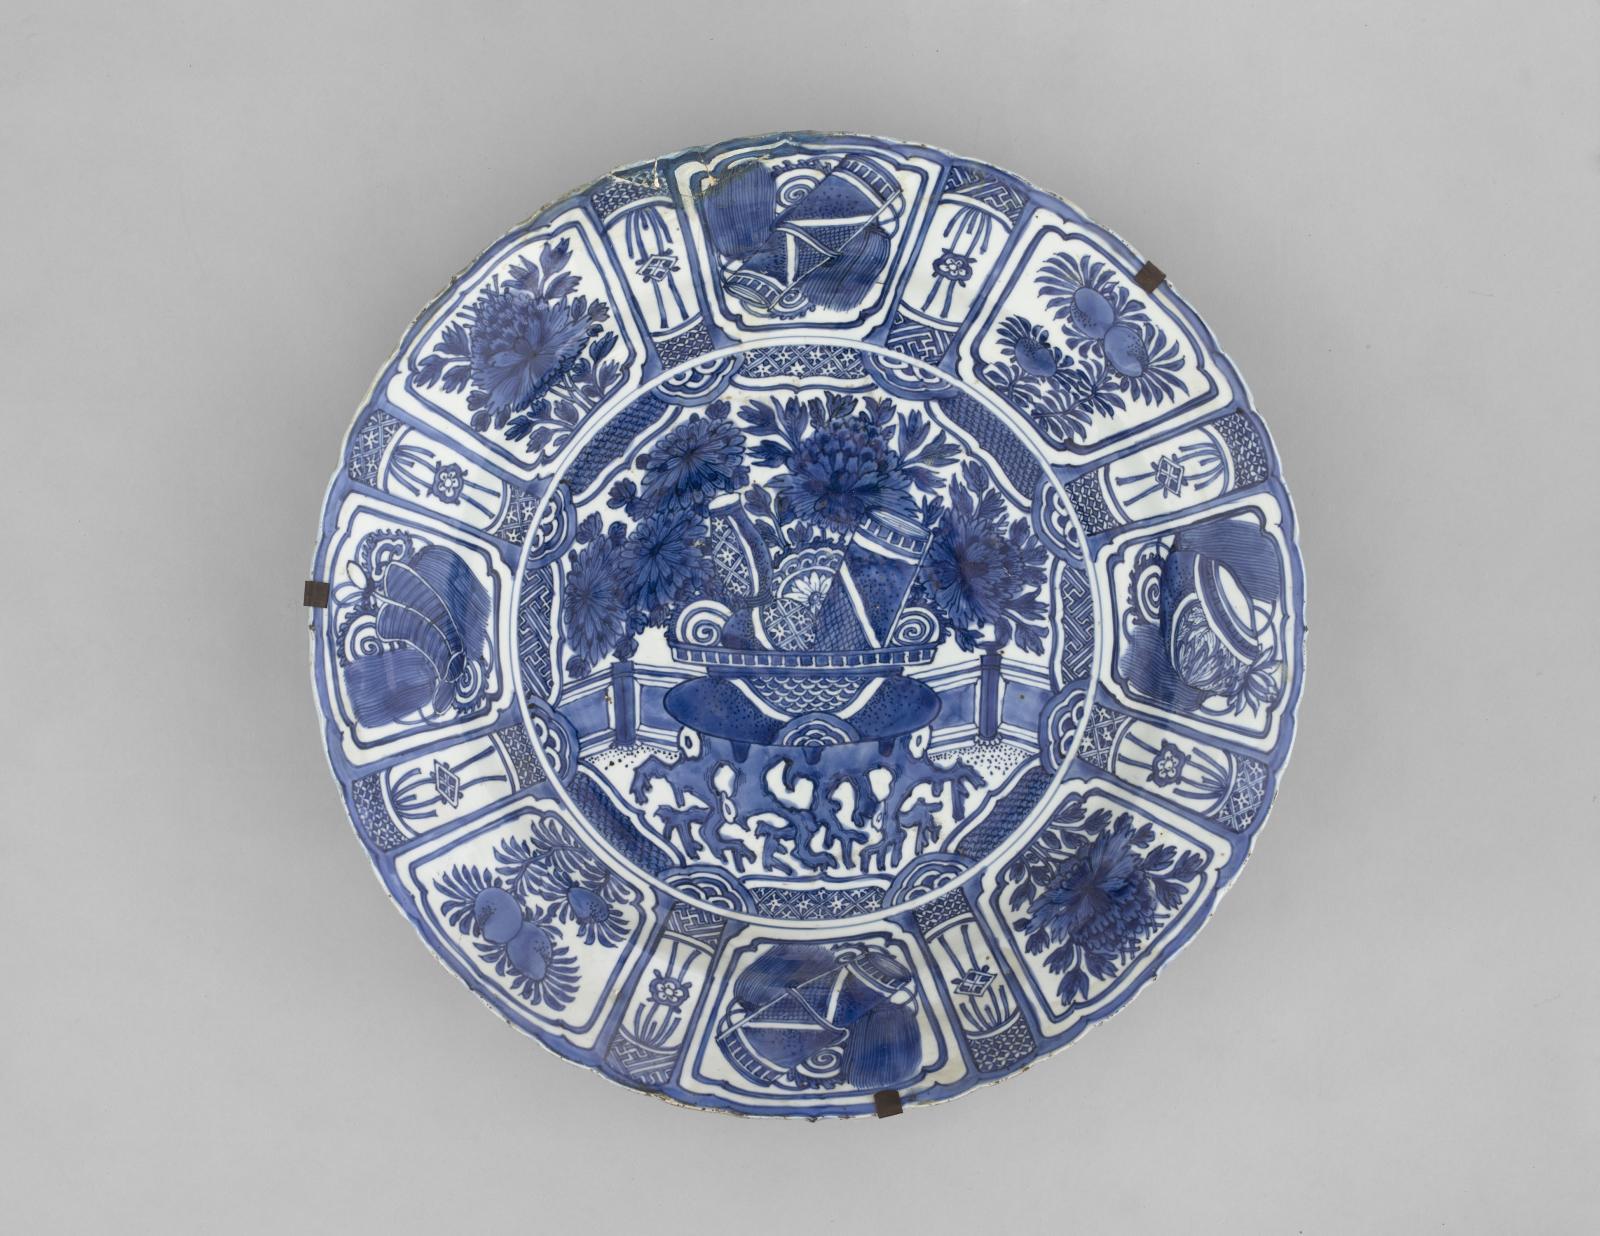 Plat à décor de jardinière, fin XVIe-début XVIIesiècle, prov. Jingdezhen (province du Jiangxi), dynastie Ming, règne de Wanli (1573-1620), porcelaine